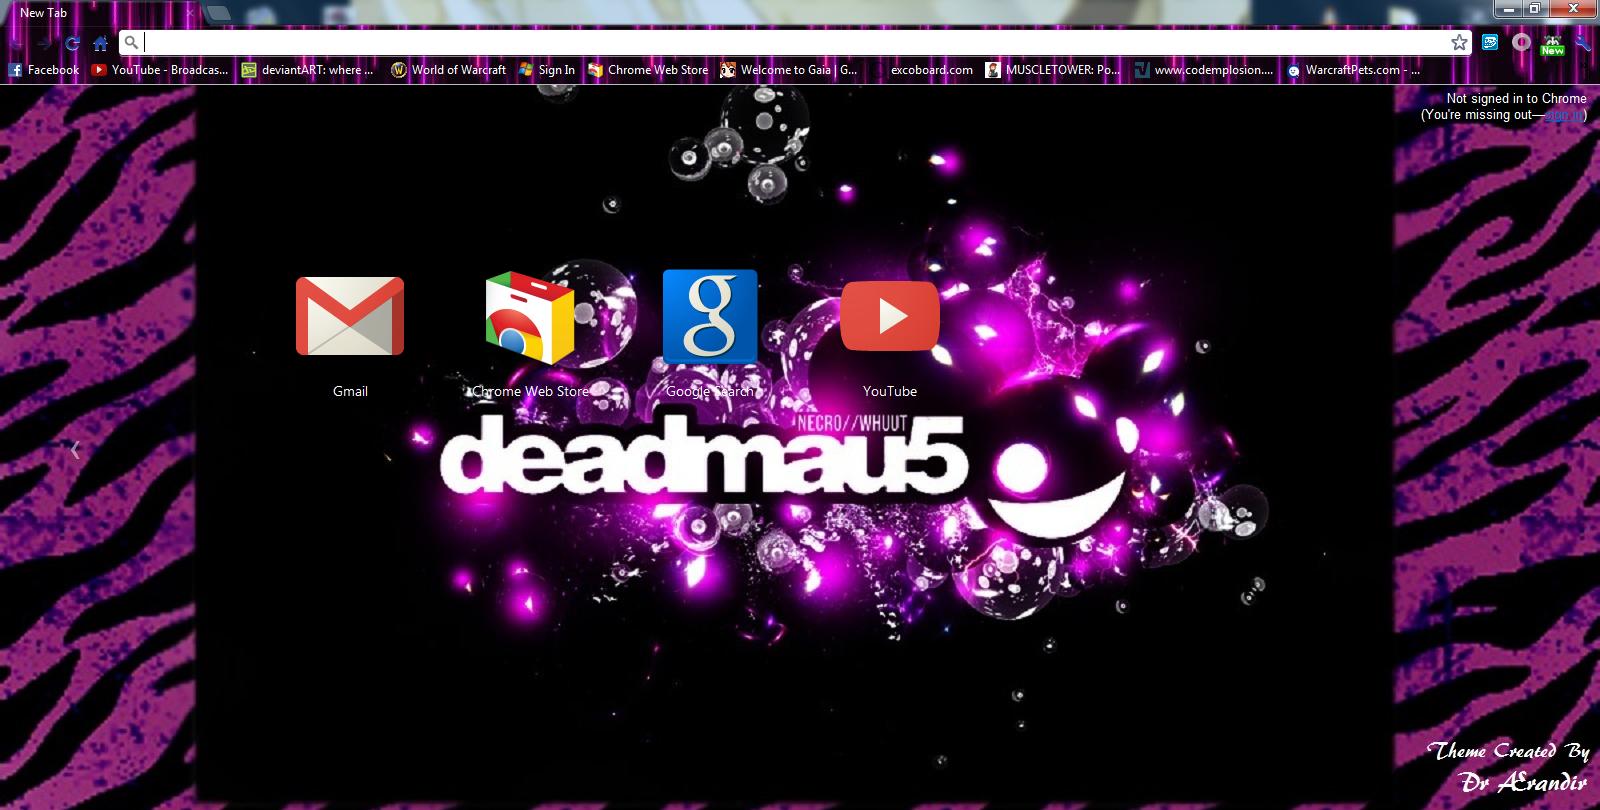 Gmail theme missing -  Purple Deadmau5 Chrome Theme By Sonny Skrillex Moore